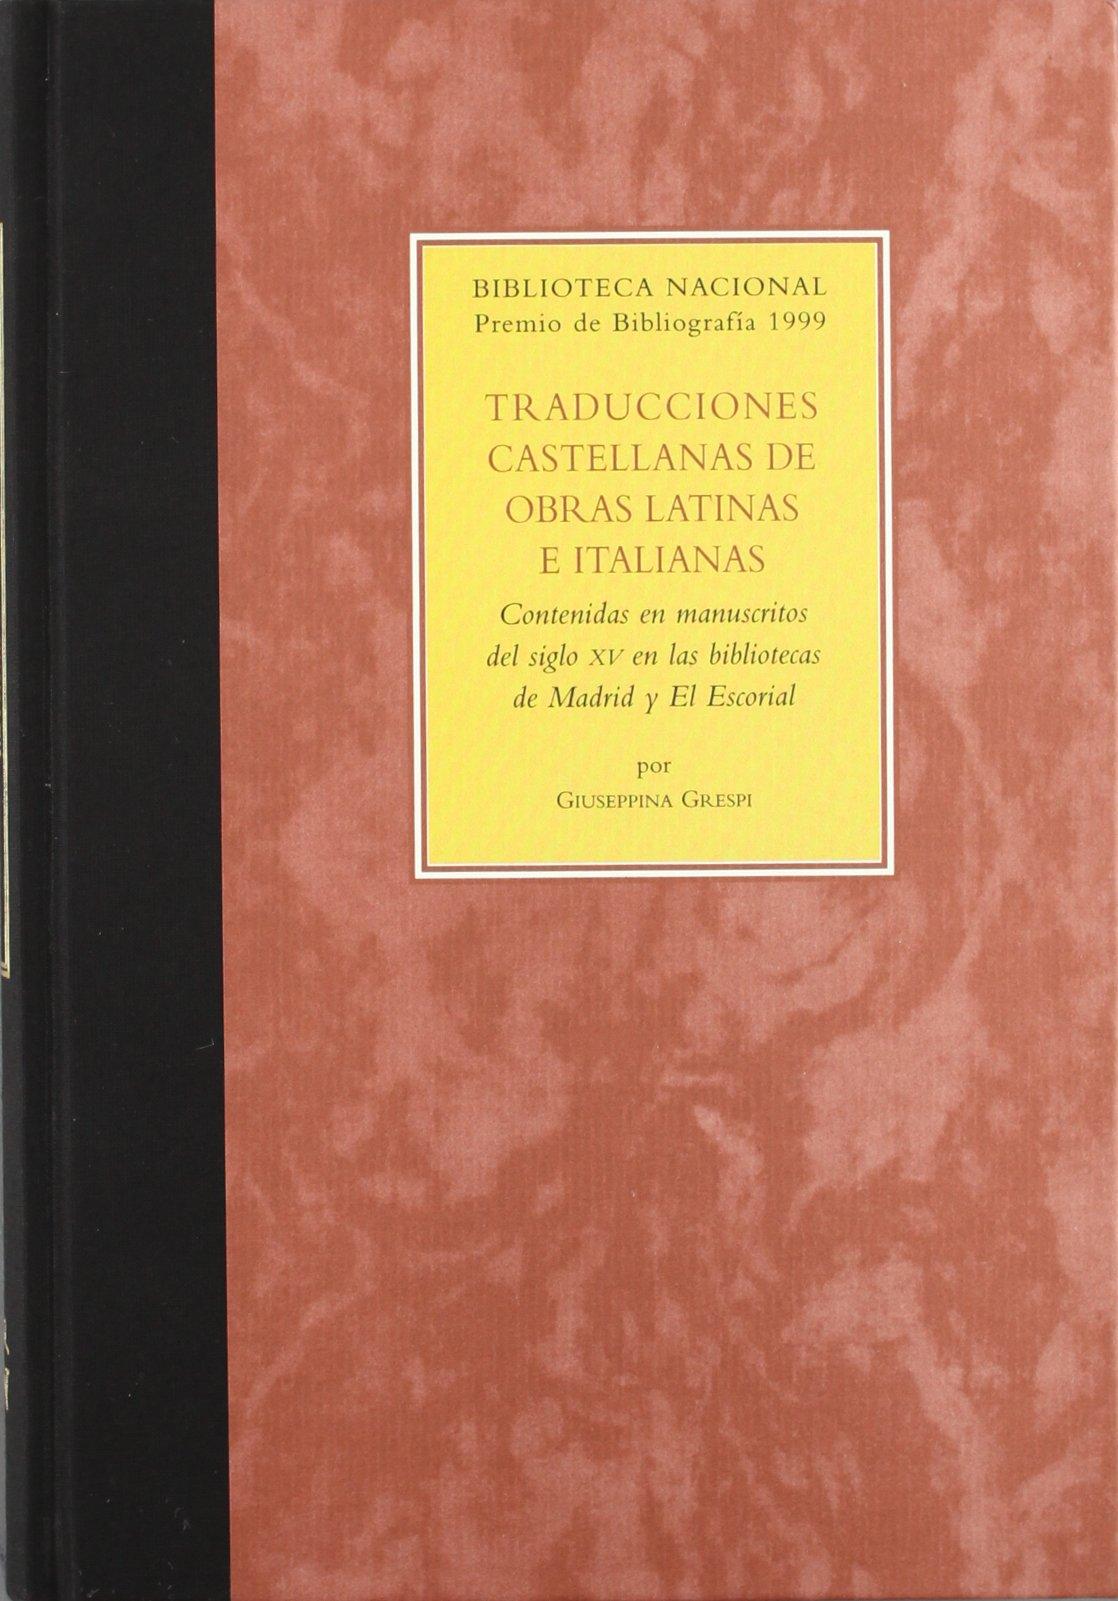 Traducciones castellanas de obras latinas e italianas contenidas ...